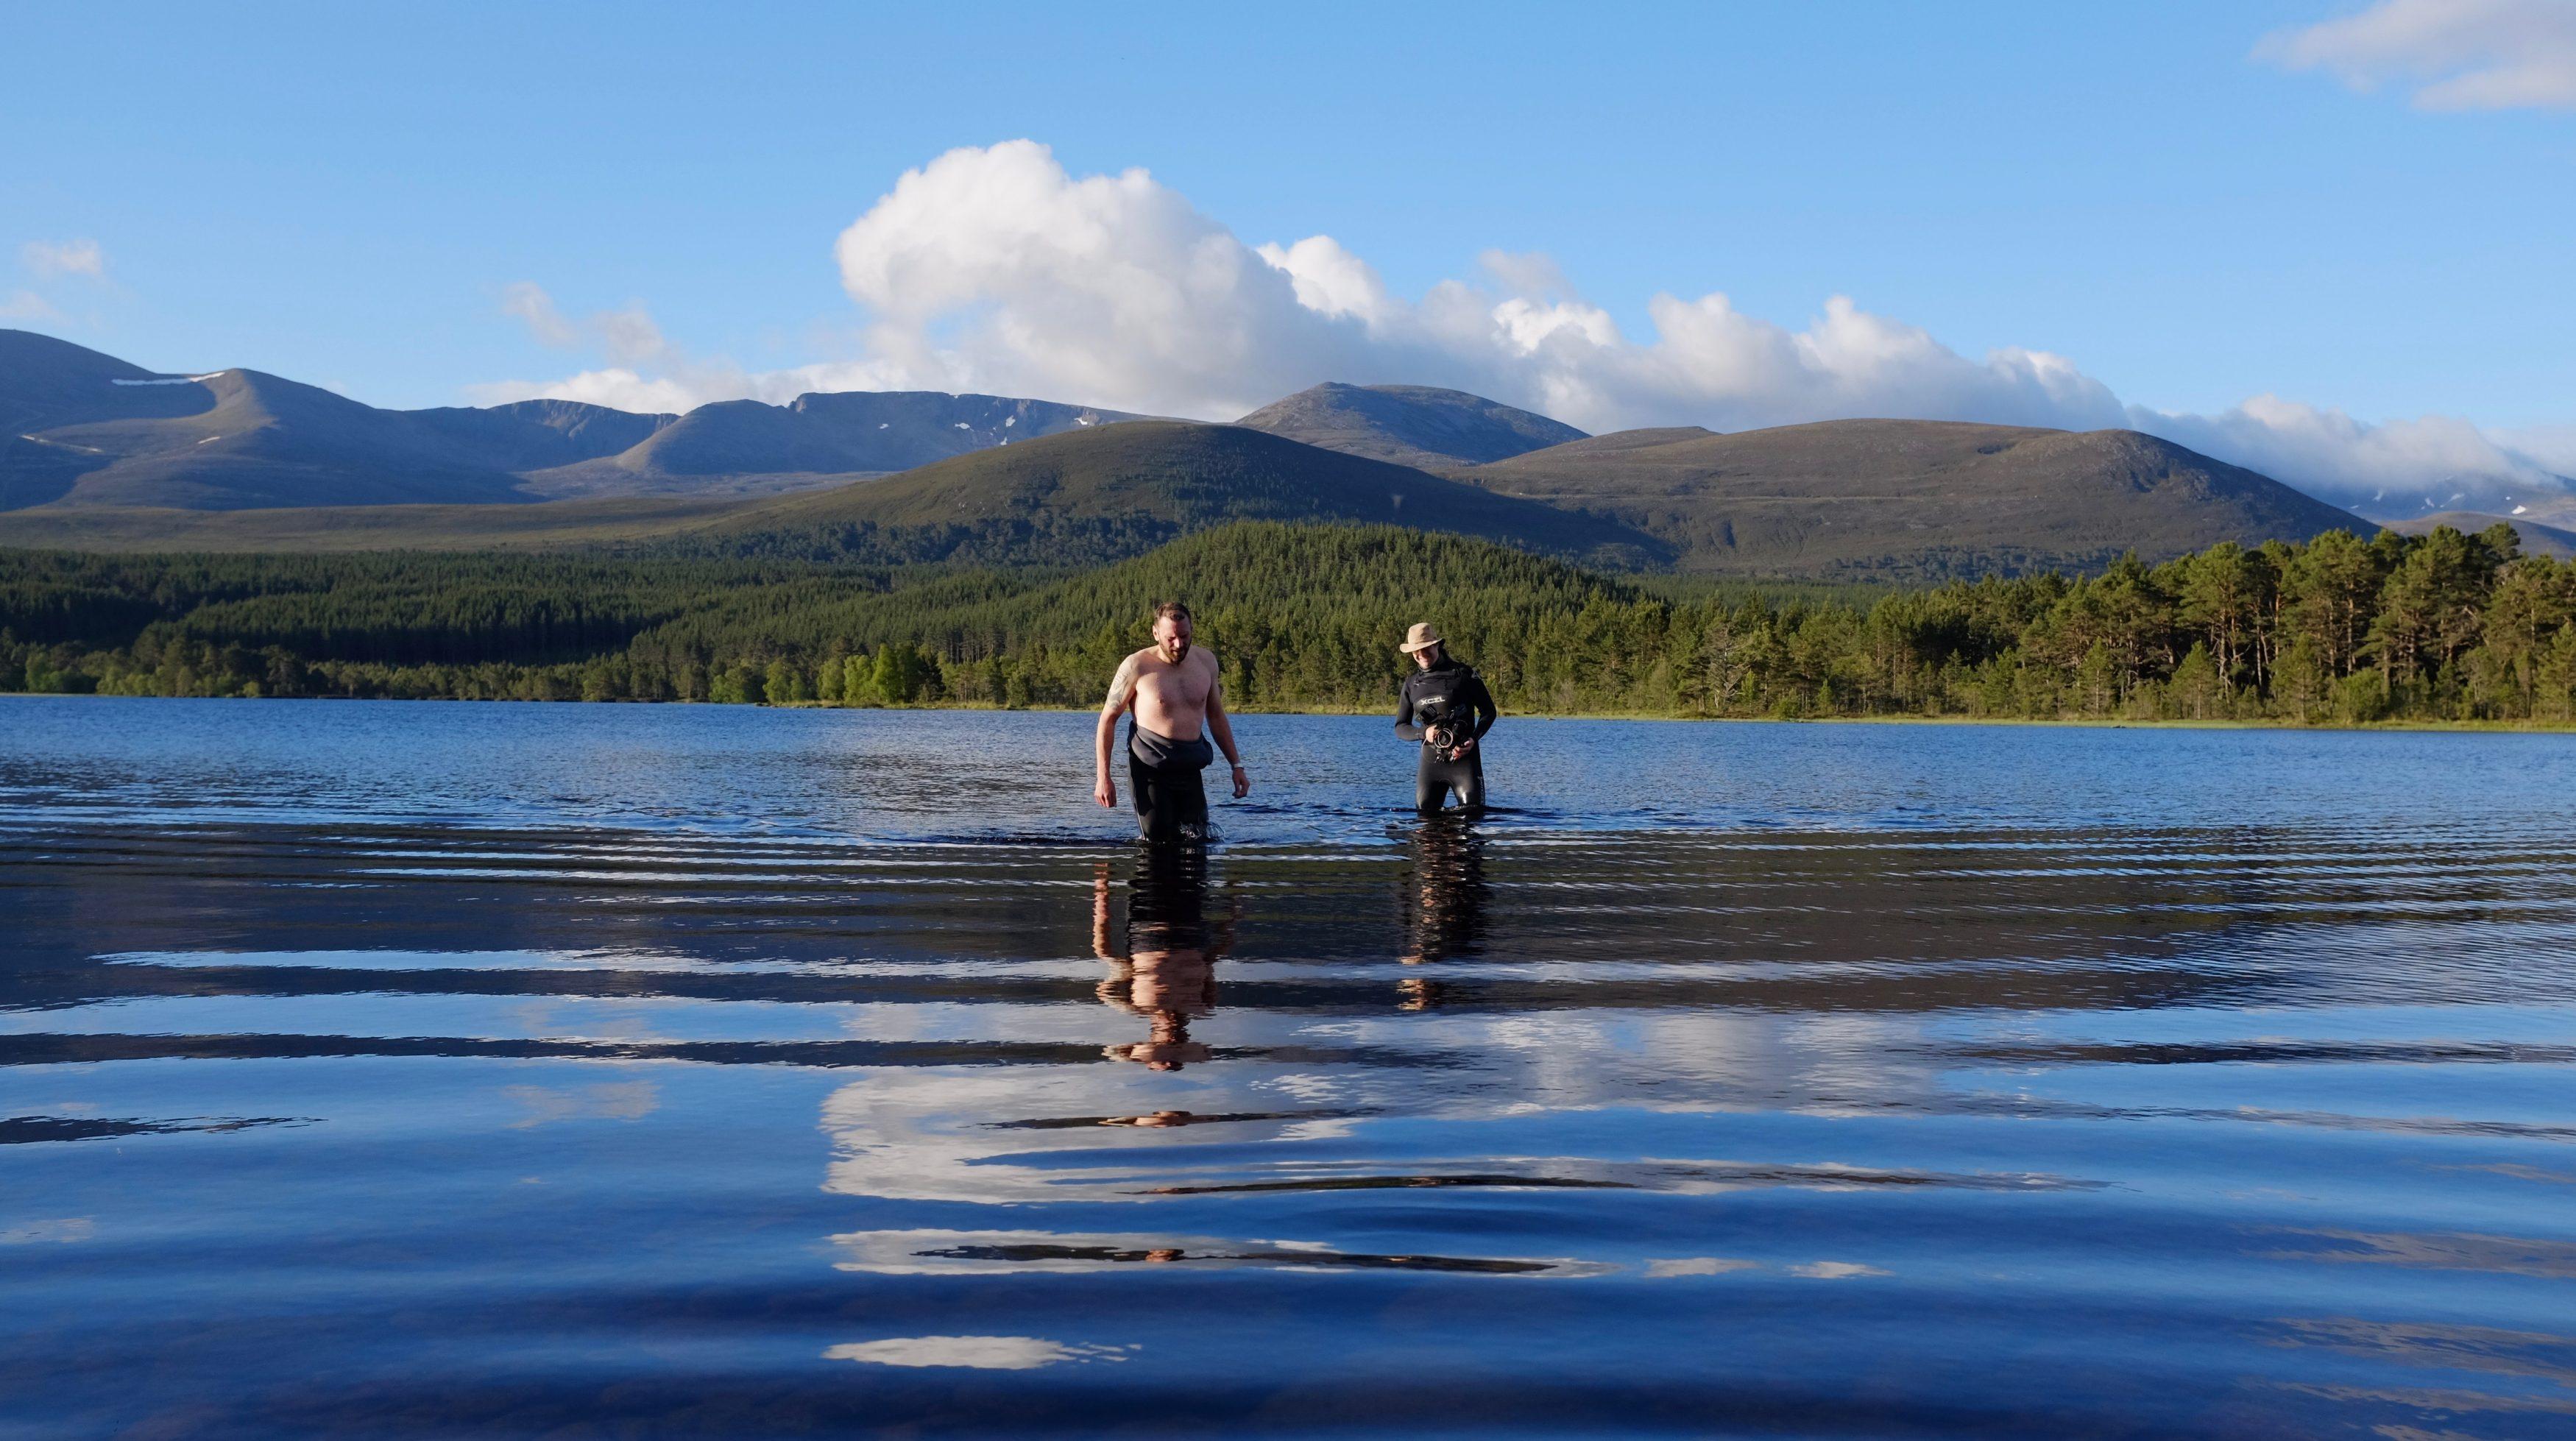 Filming Wayfarer Watch film for Akura Timepieces in Loch Morlich